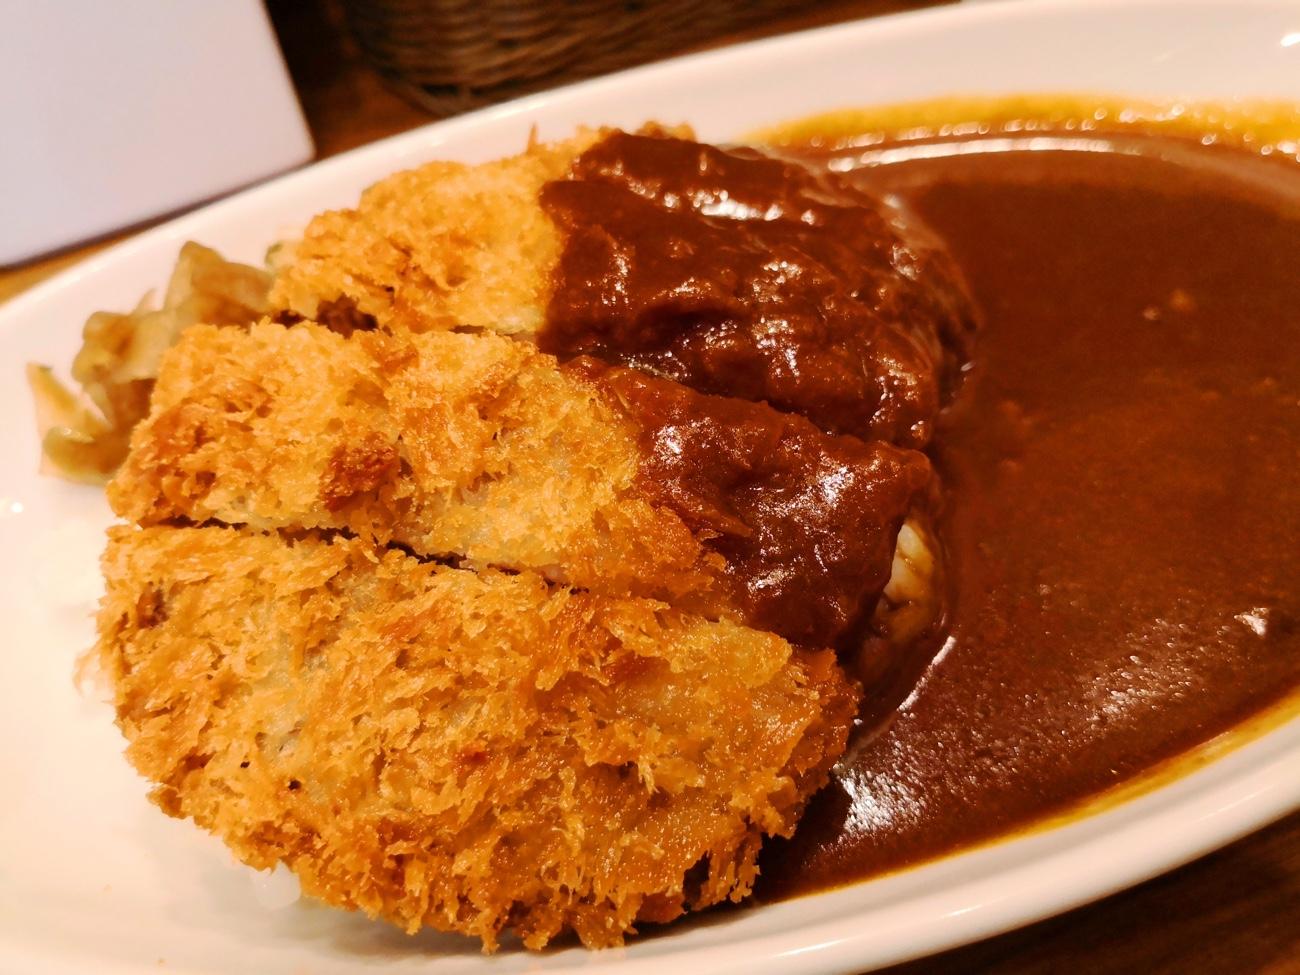 大崎駅 美味しいカレーの店 カレー厨房